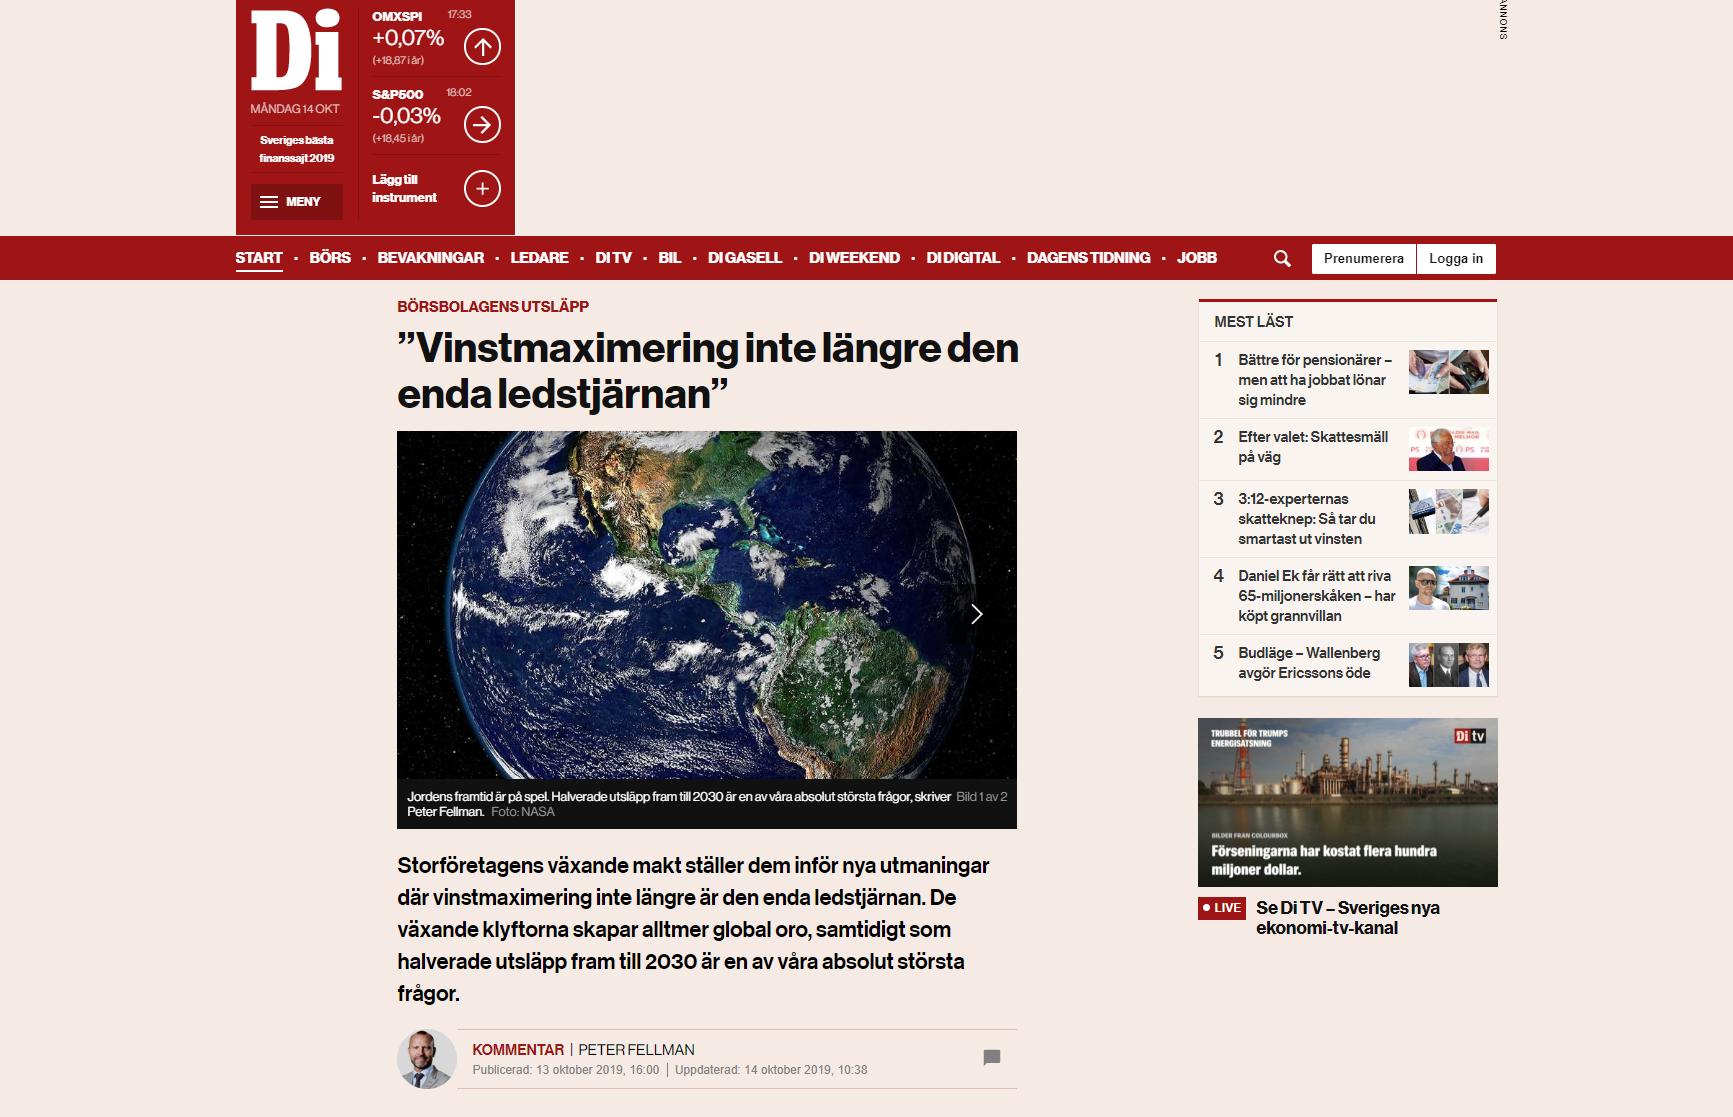 DI är första affärstidningen i världen med att redovisa utsläppssiffror på börssidorna.